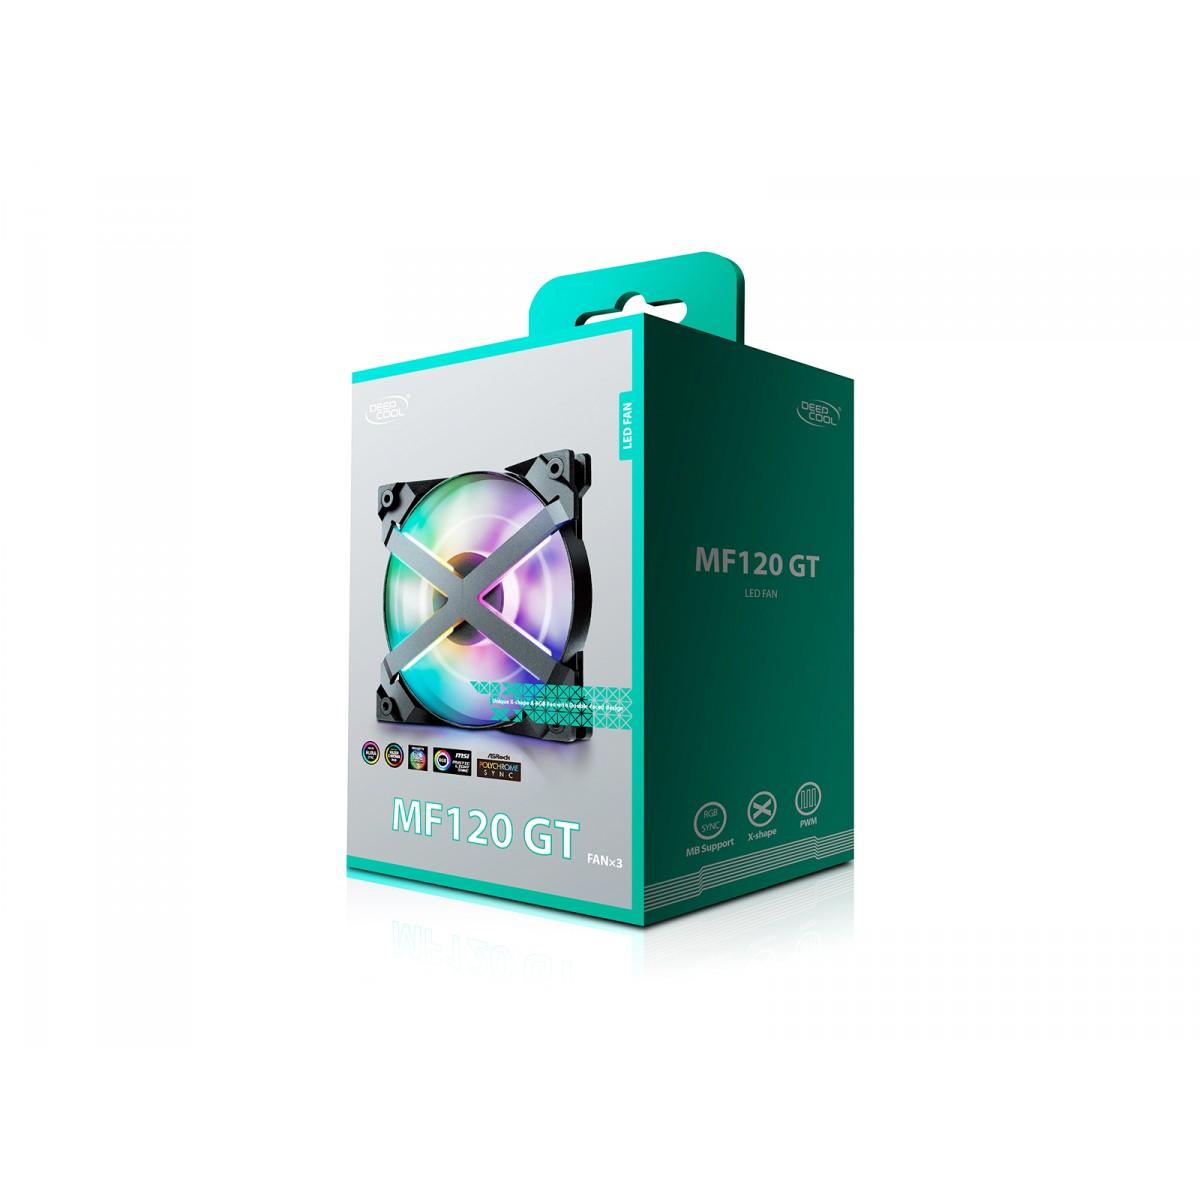 Kit Fan com 3 Unidades DeepCool, ADD-RGB 120mm, MF120 GT First Class, DP-GS-F12-AR-MF120GT-3P